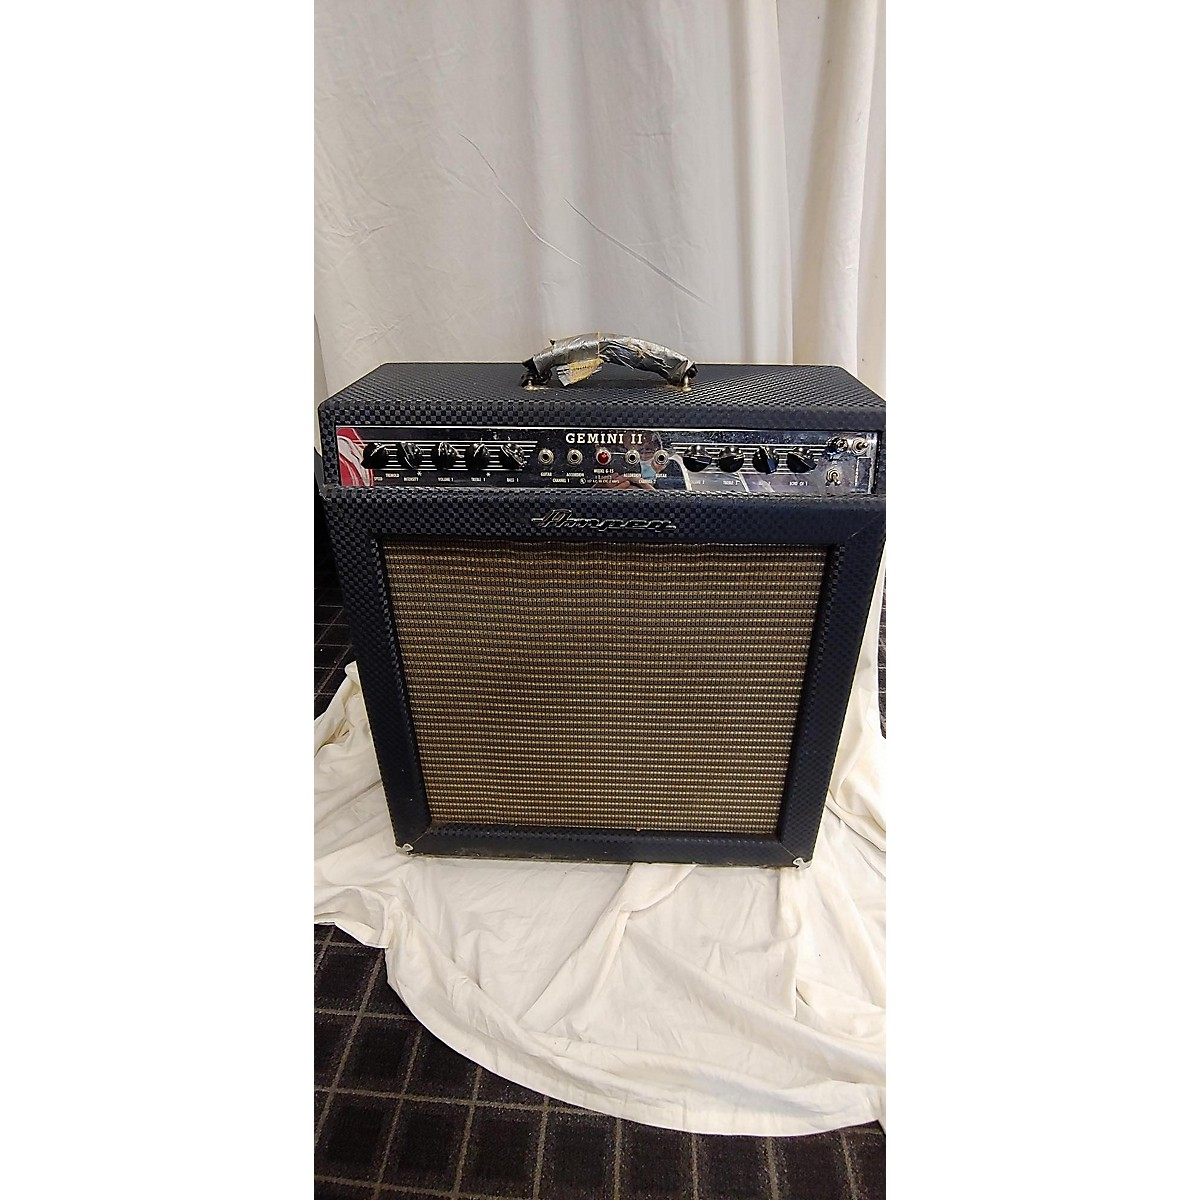 Ampeg 1964 Gemini Tube Guitar Combo Amp